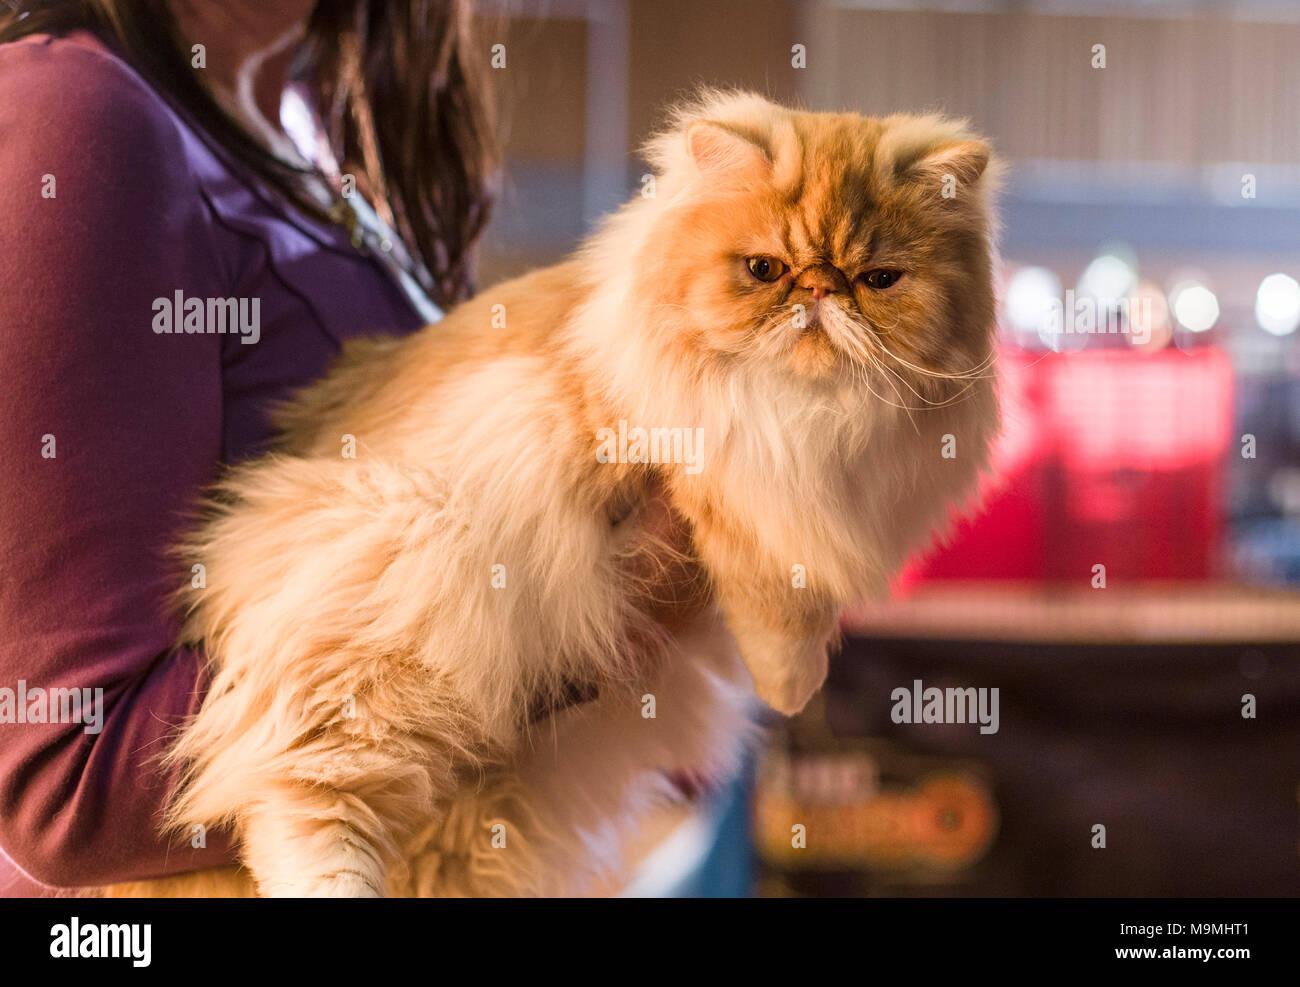 Perser Katze eine Katze Show präsentiert. Deutschland Stockbild